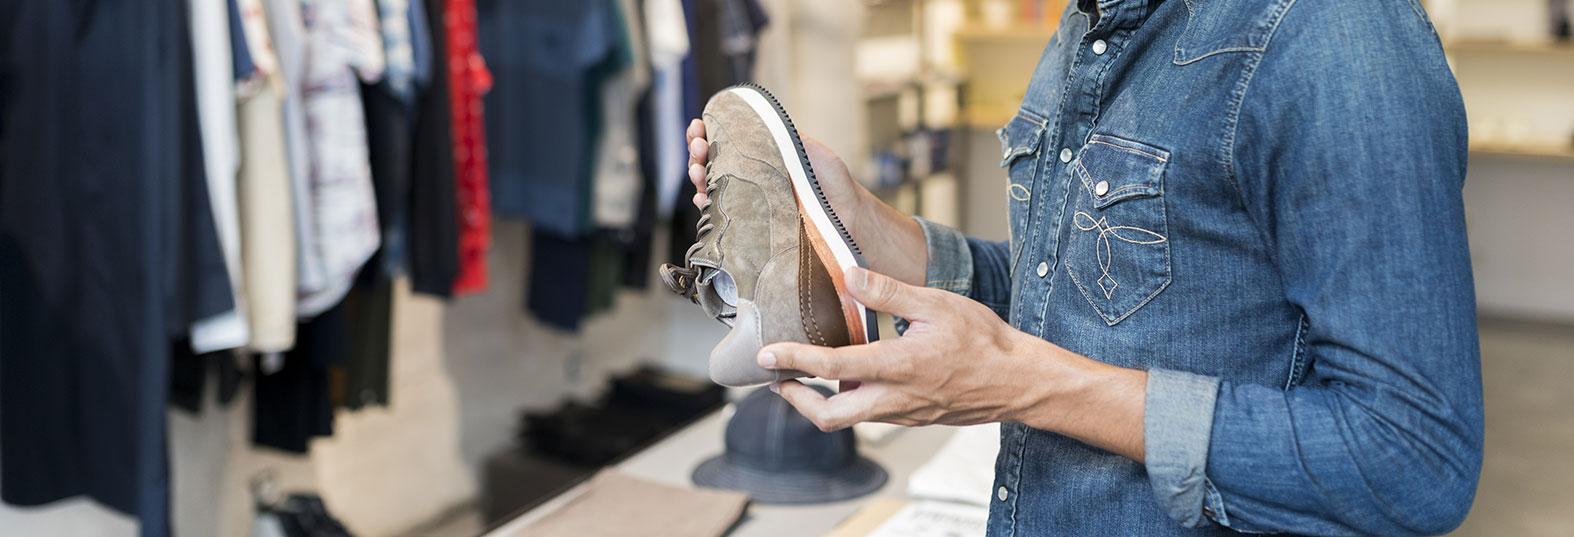 7 praktische Tipps zum Kauf Ihres nächsten Paares Schuhe